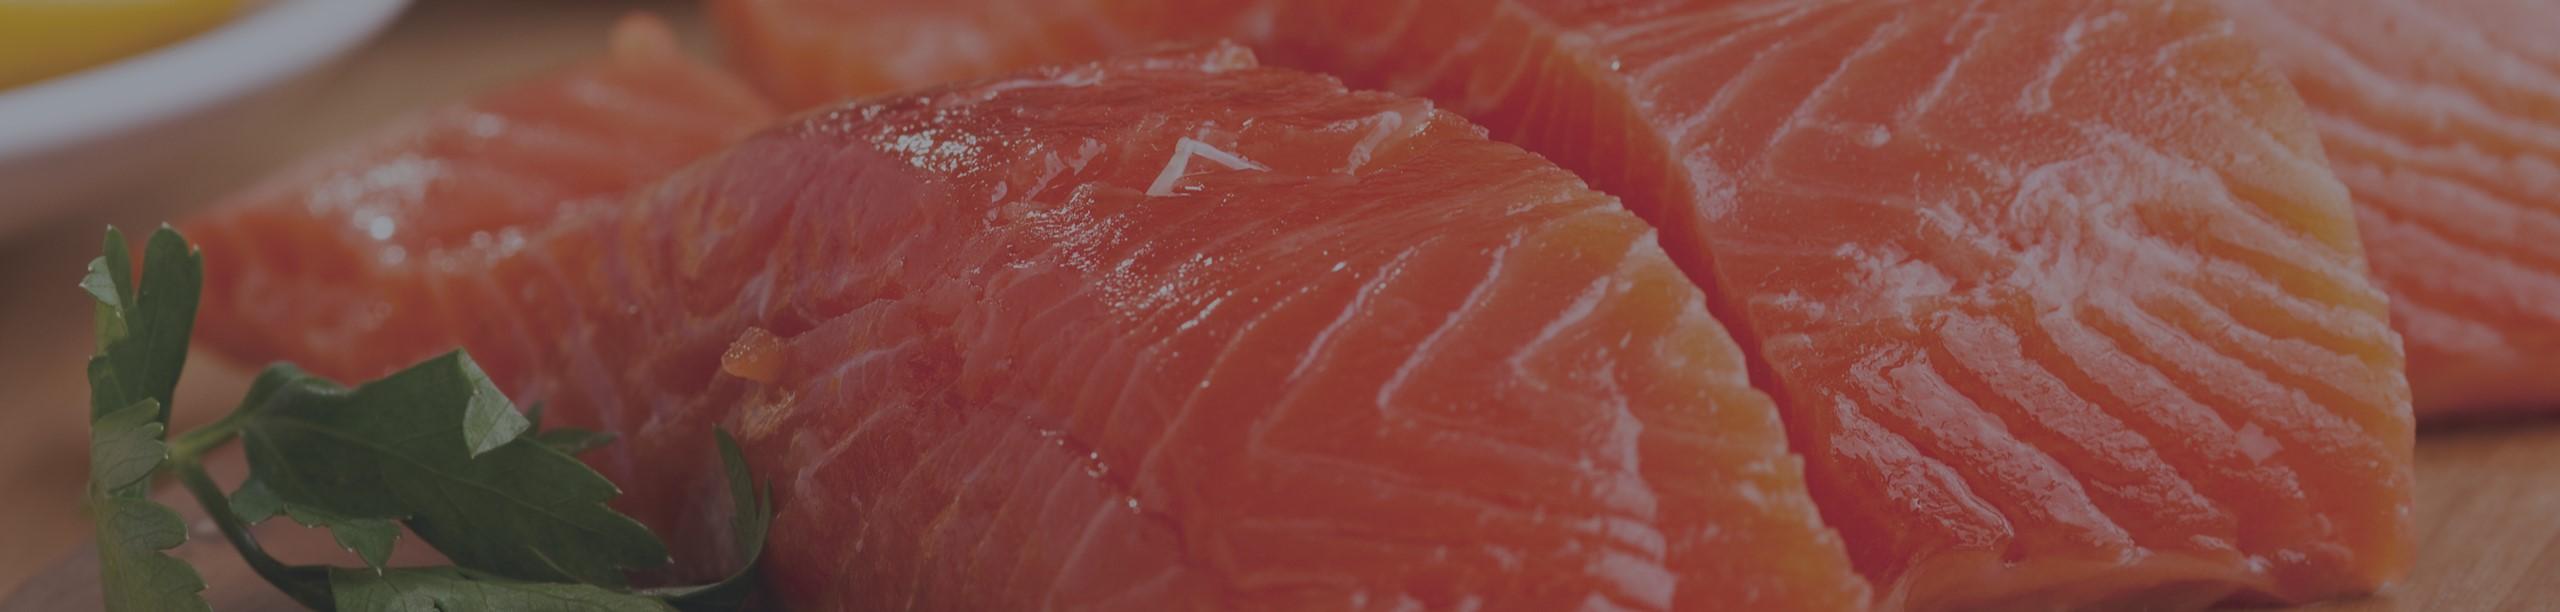 Salmon1-3